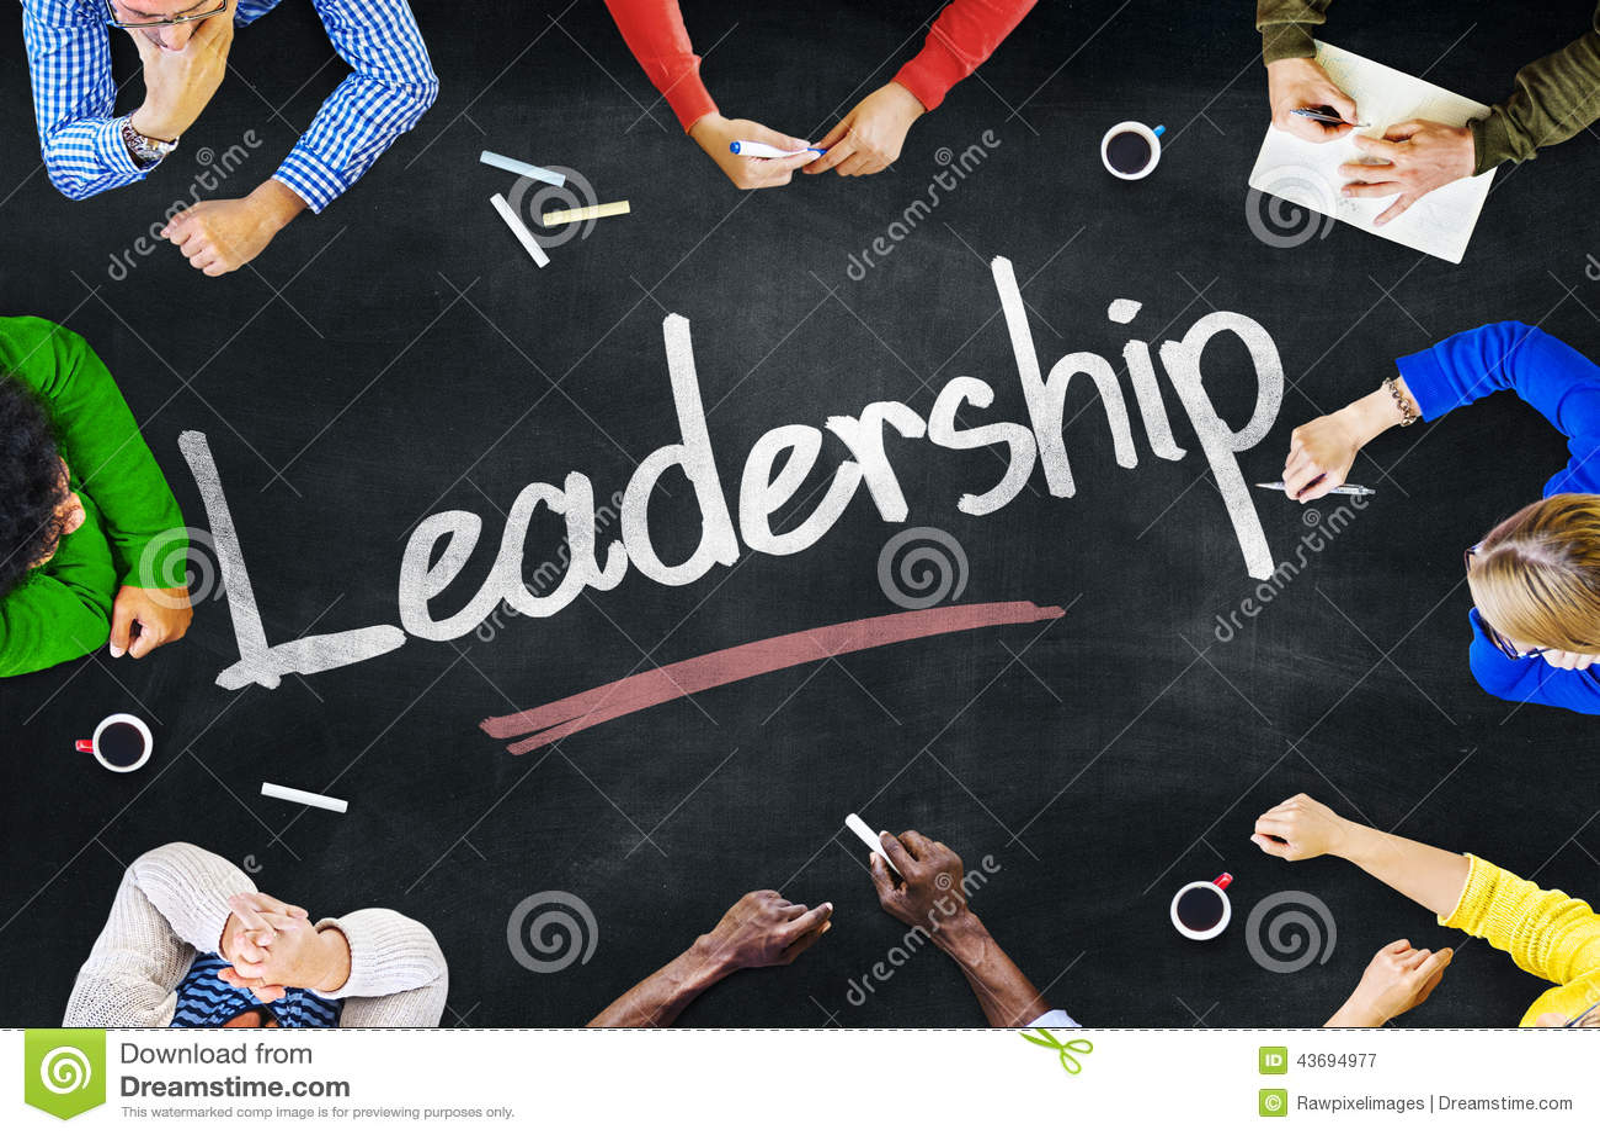 Gruppe multiethnische Leute, die über Führung sich besprechen